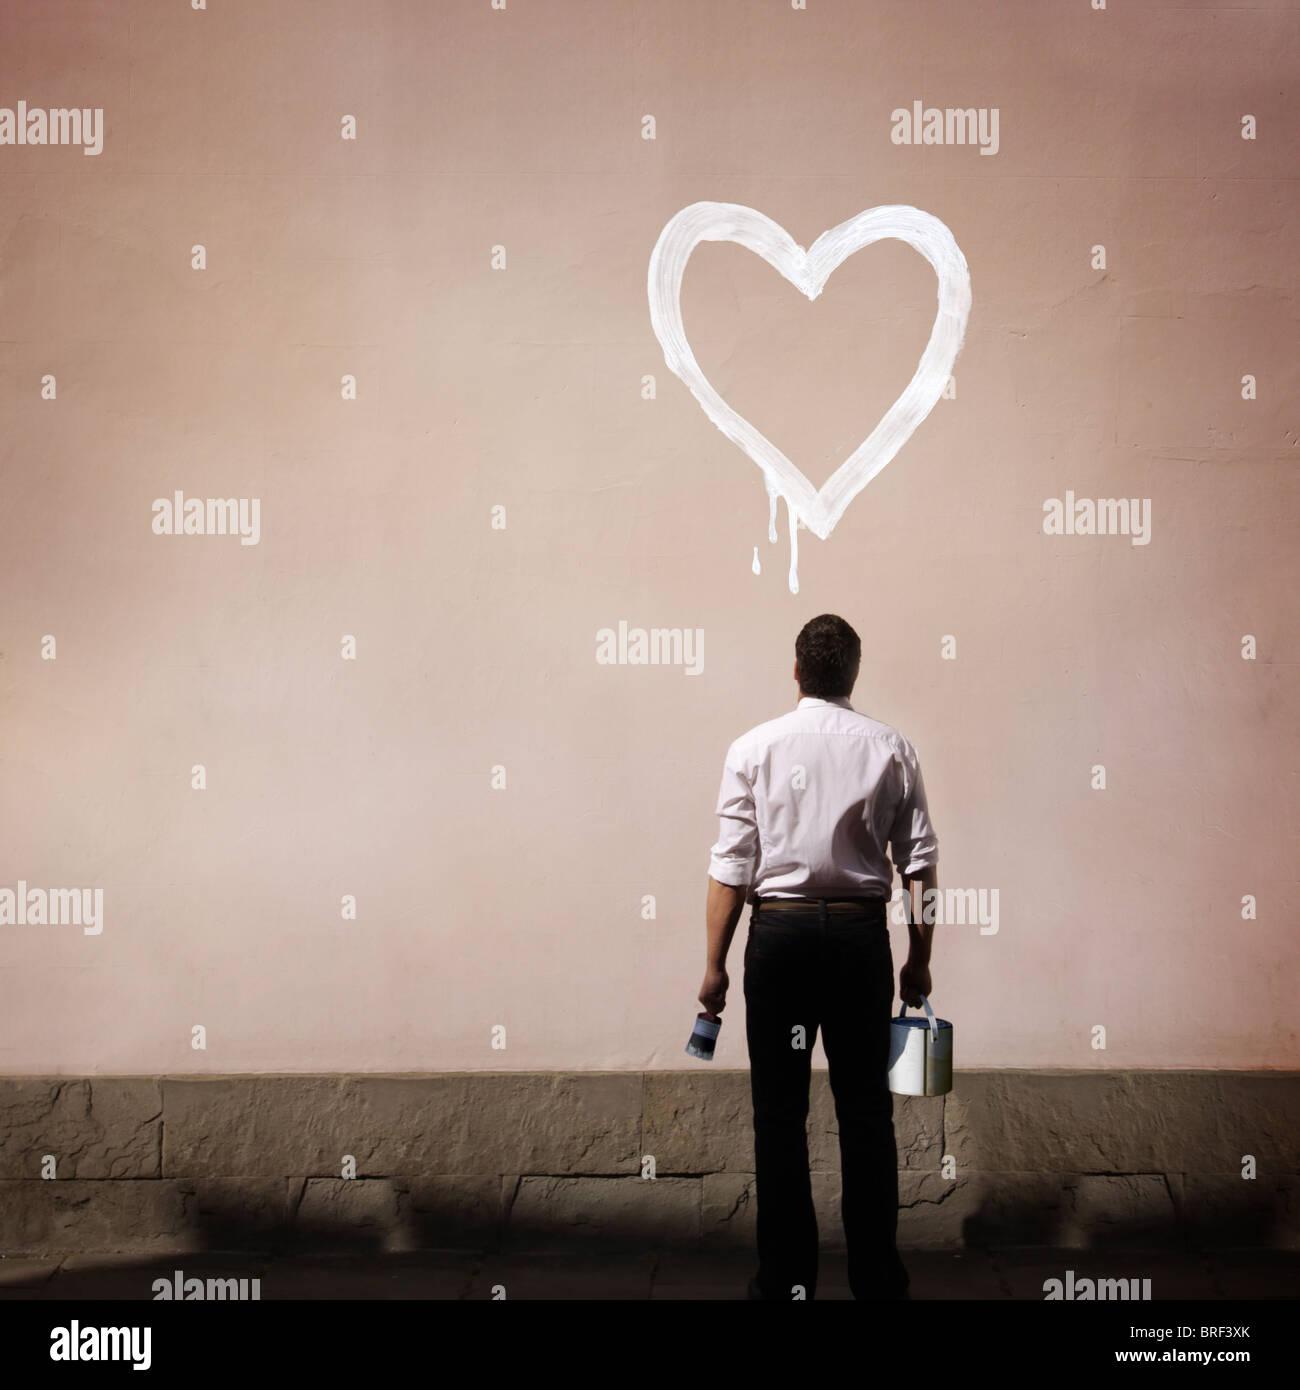 Hombre con corazón pintado en la pared Imagen De Stock